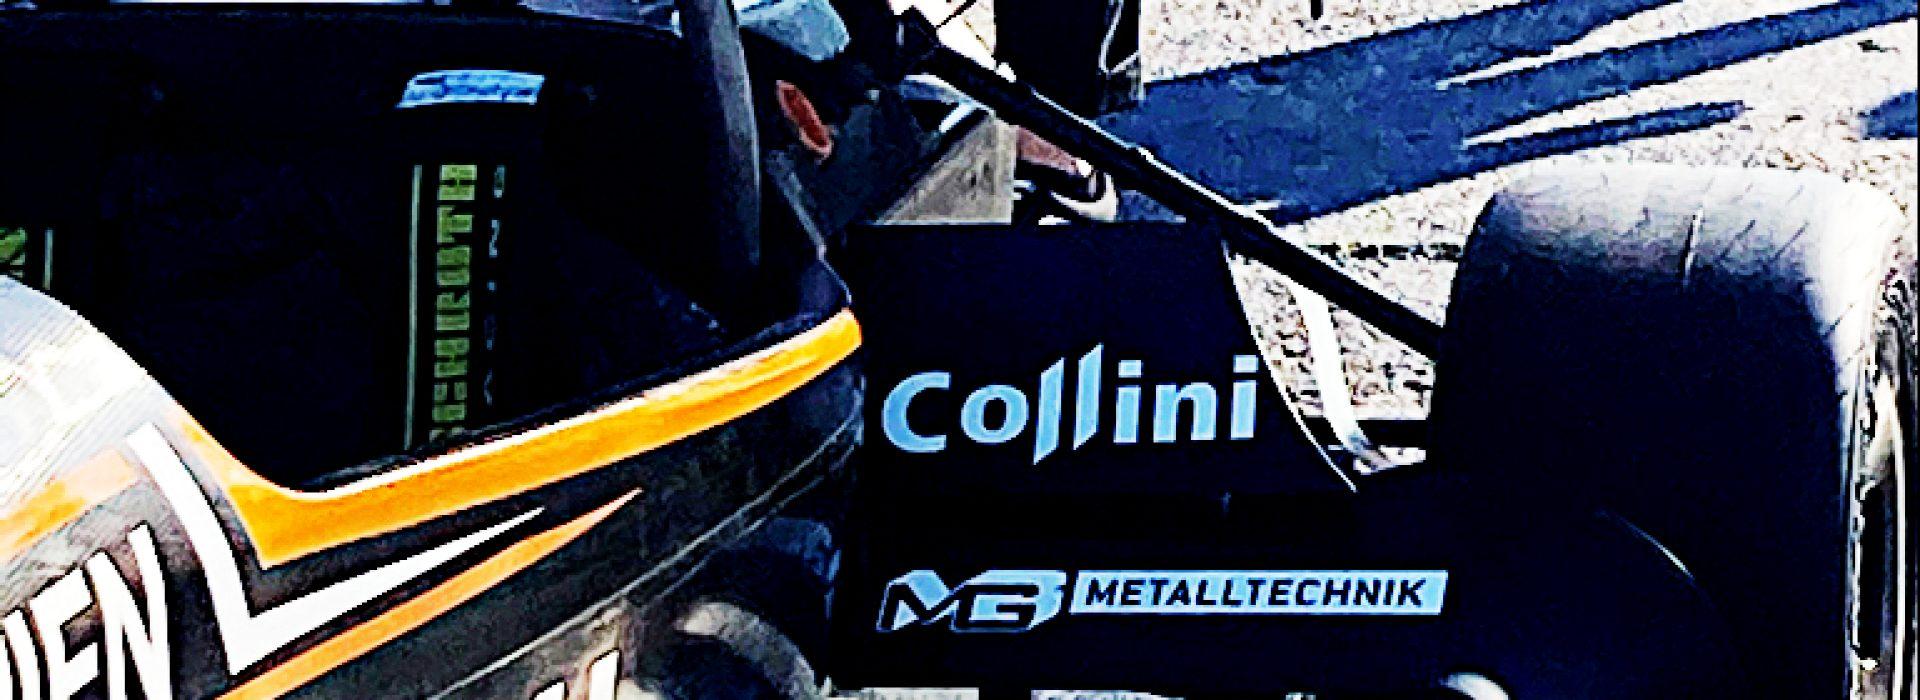 Der E-Racer der TU-Wien startet in die neue Saison. Collini ist an Bord.